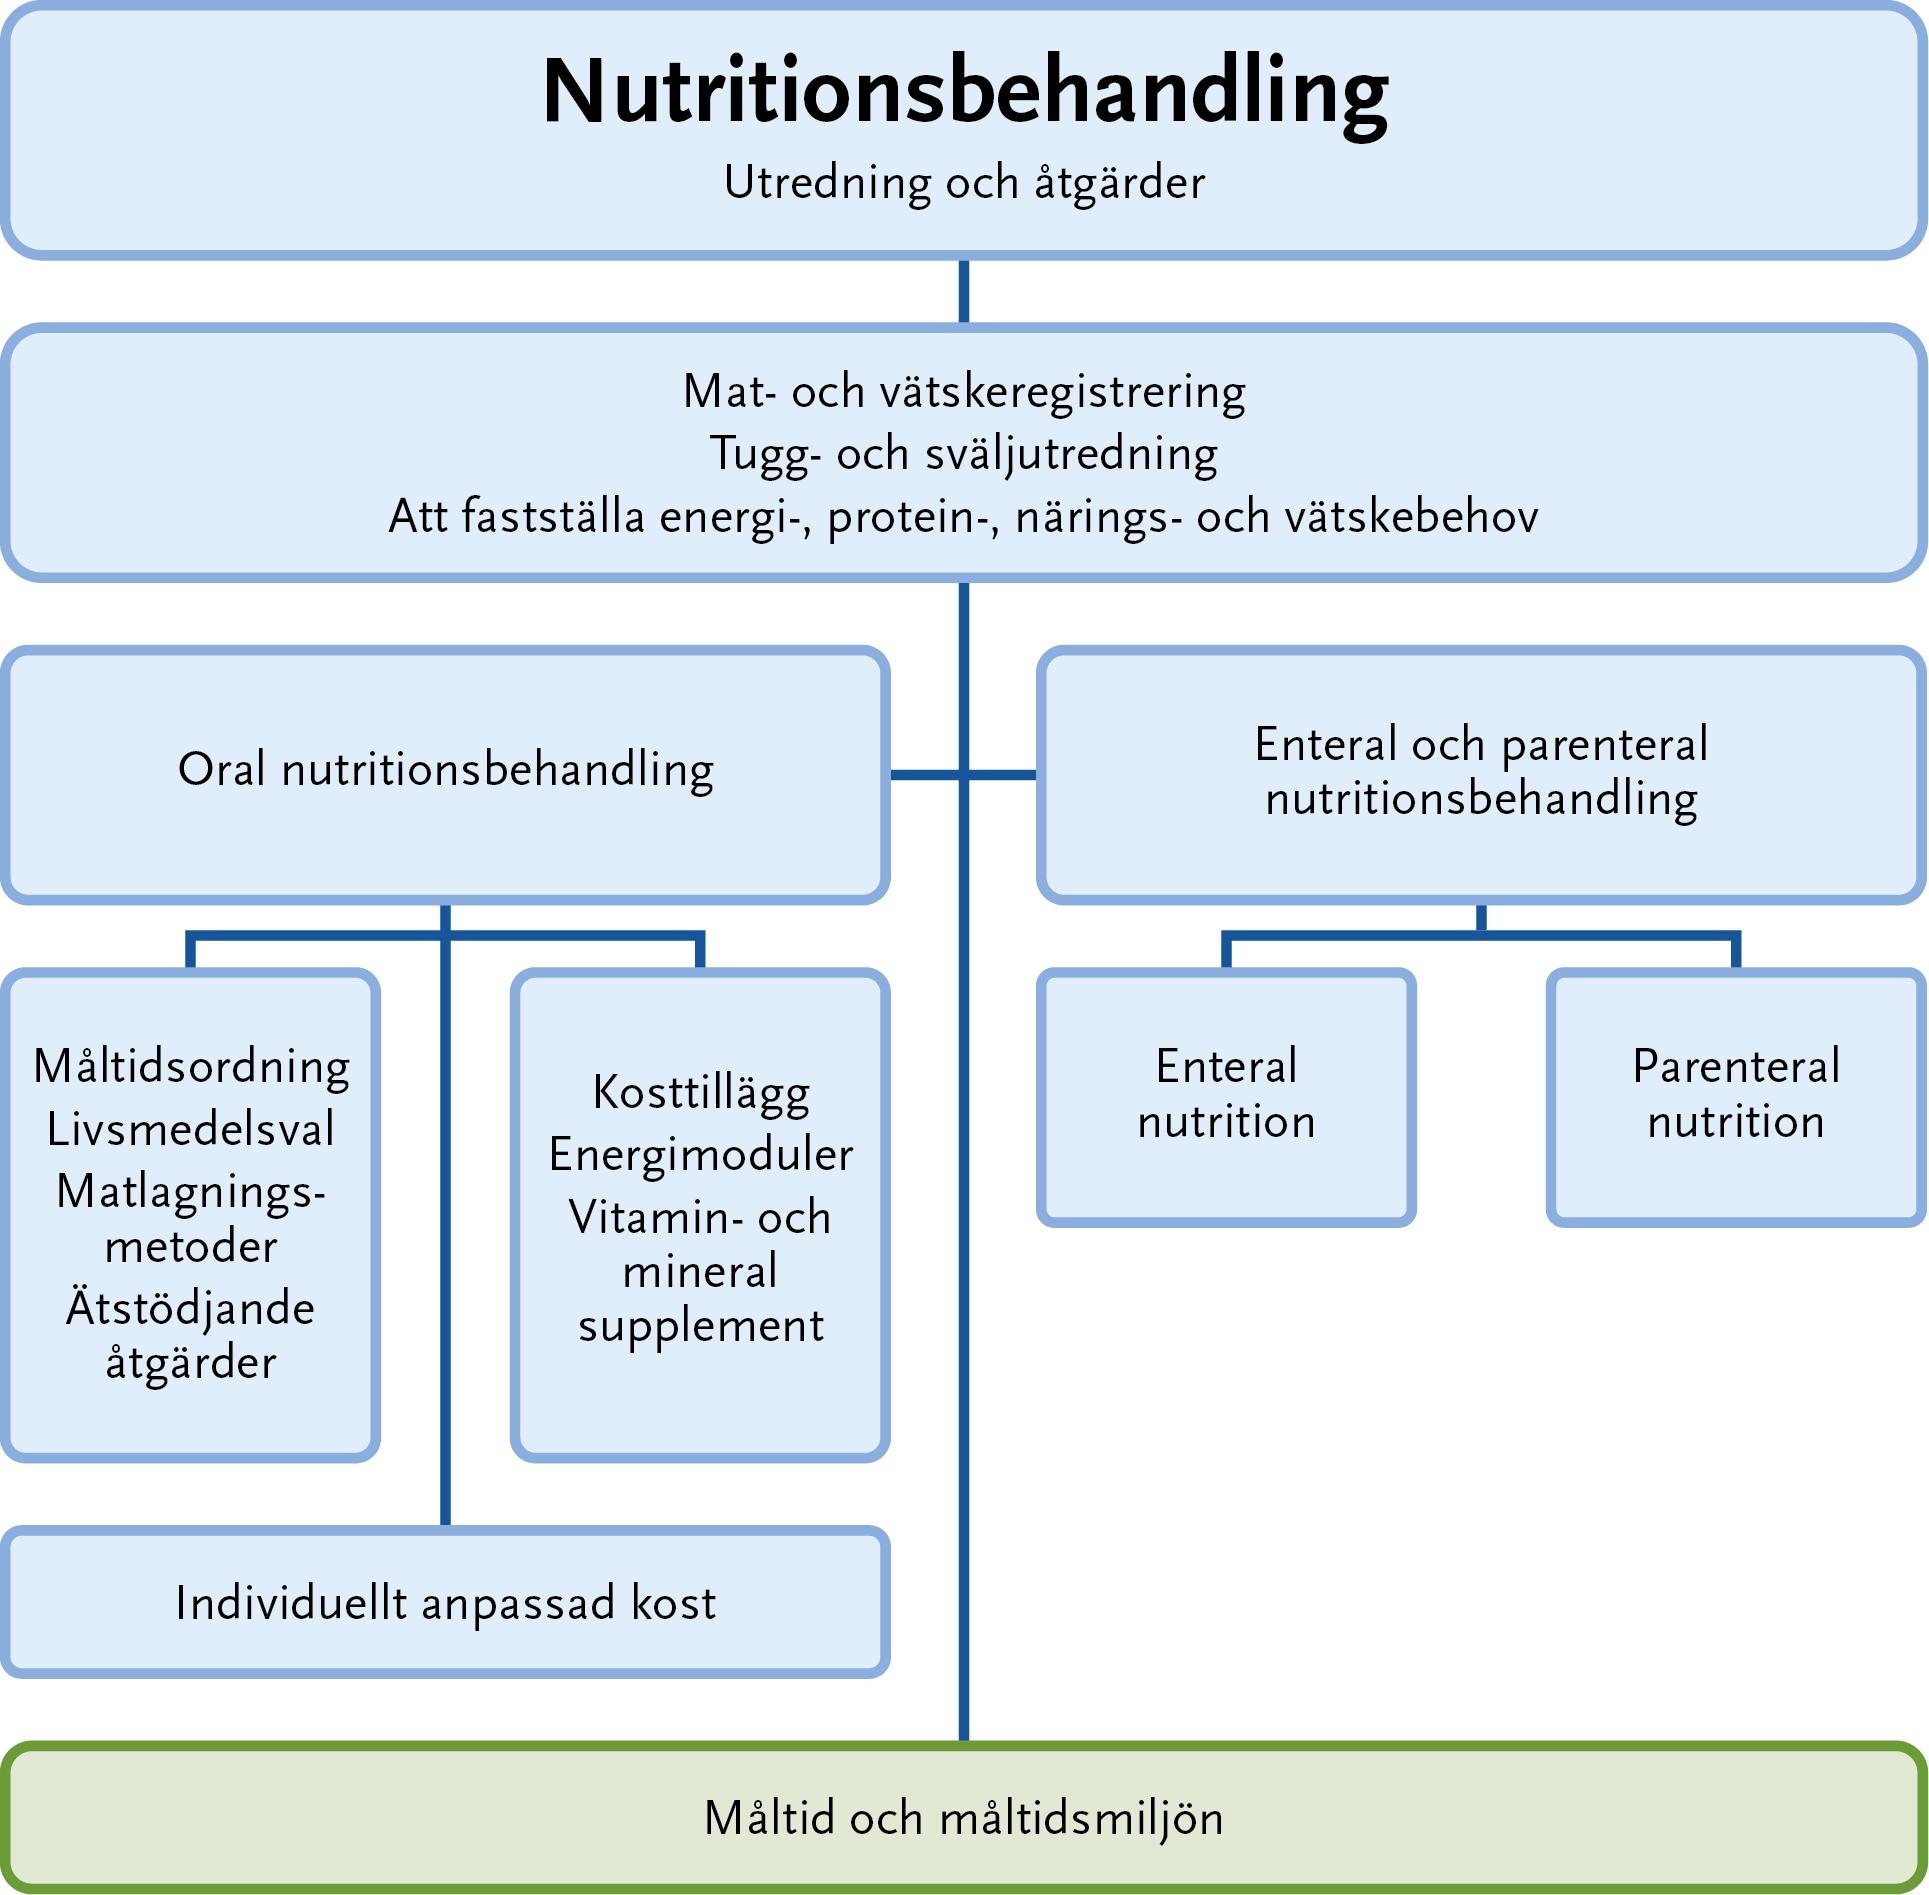 mat och vätskeregistrering